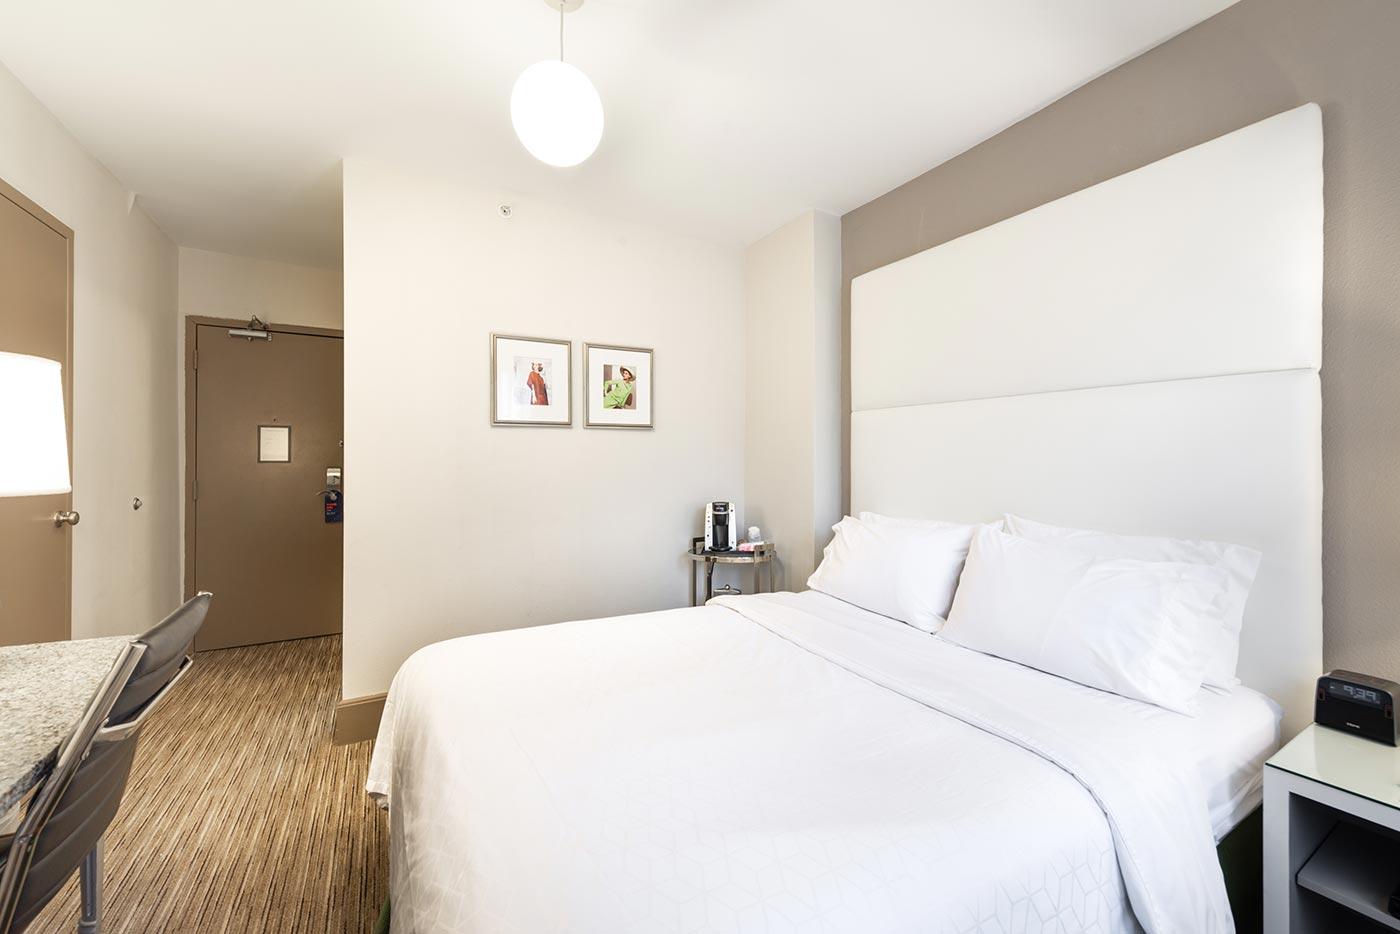 Hotel Cass room